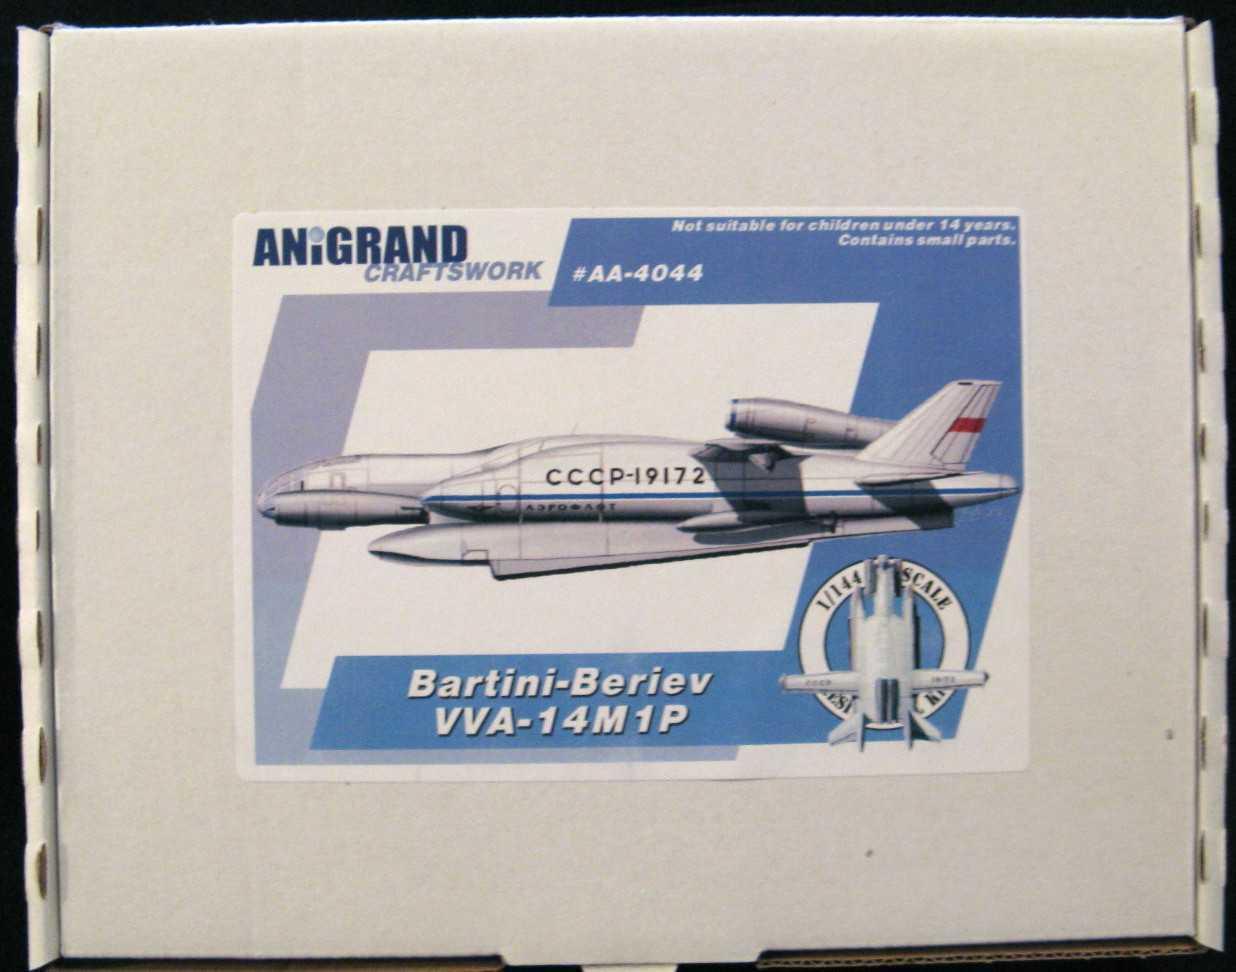 AniGre modellolos 1 144 BARTINI-BERREA VVA-14M13P Seaplane russo